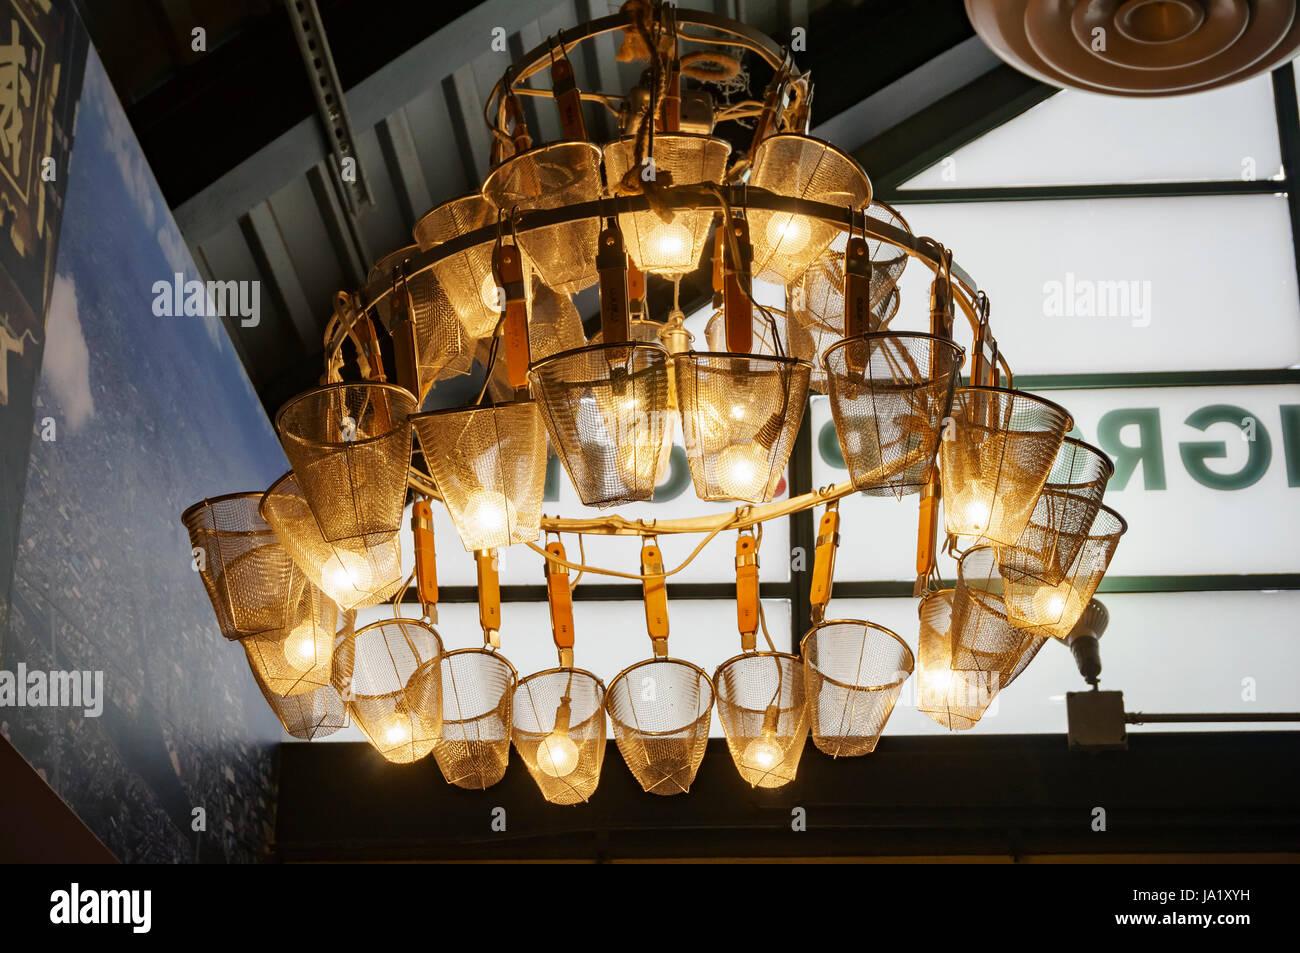 Los Angeles, Mai 25: Interessante Dekoration eine Nudelsuppe Ramen ...